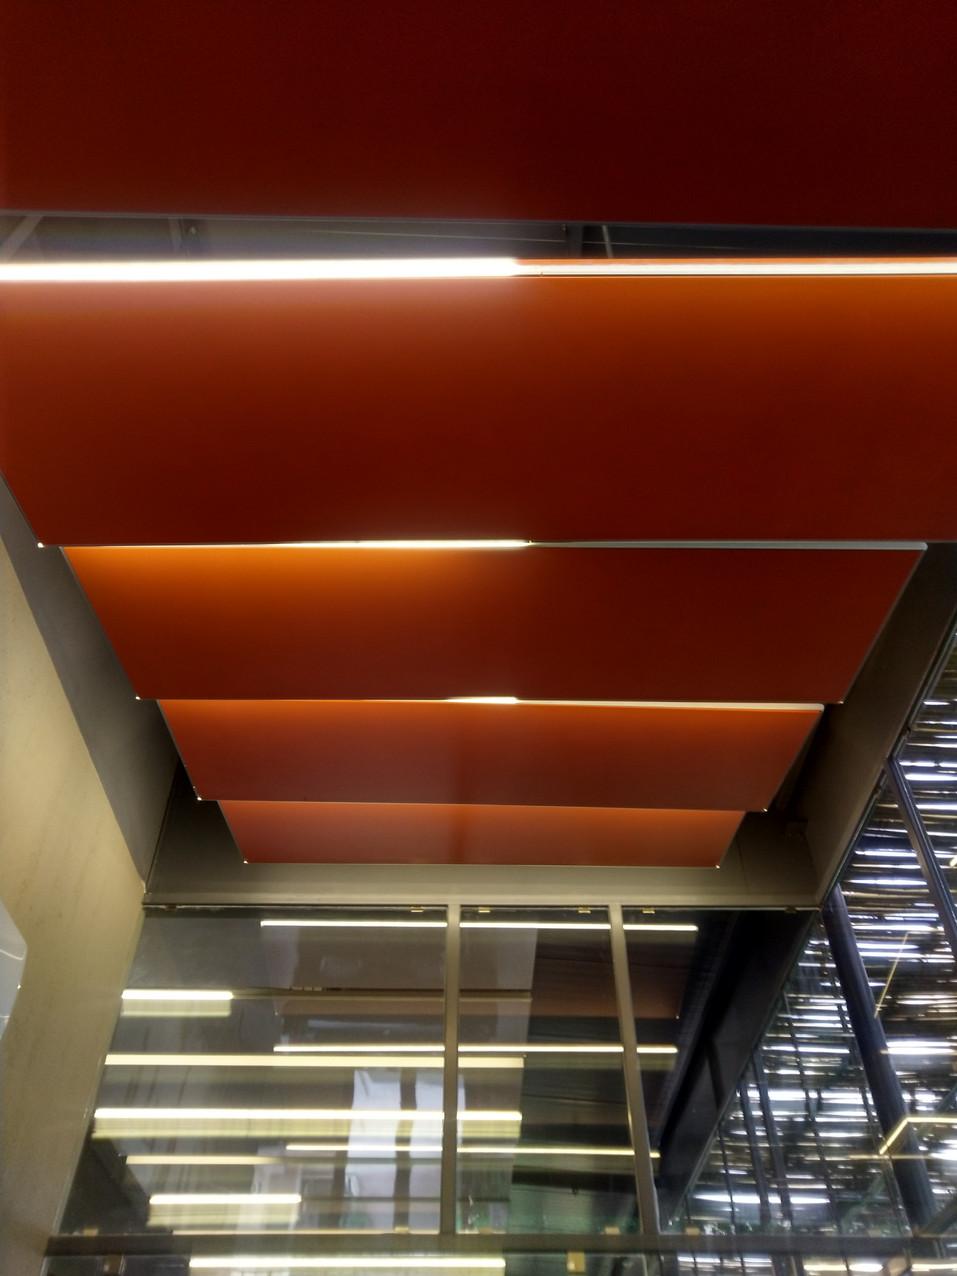 Meeting room ceiling